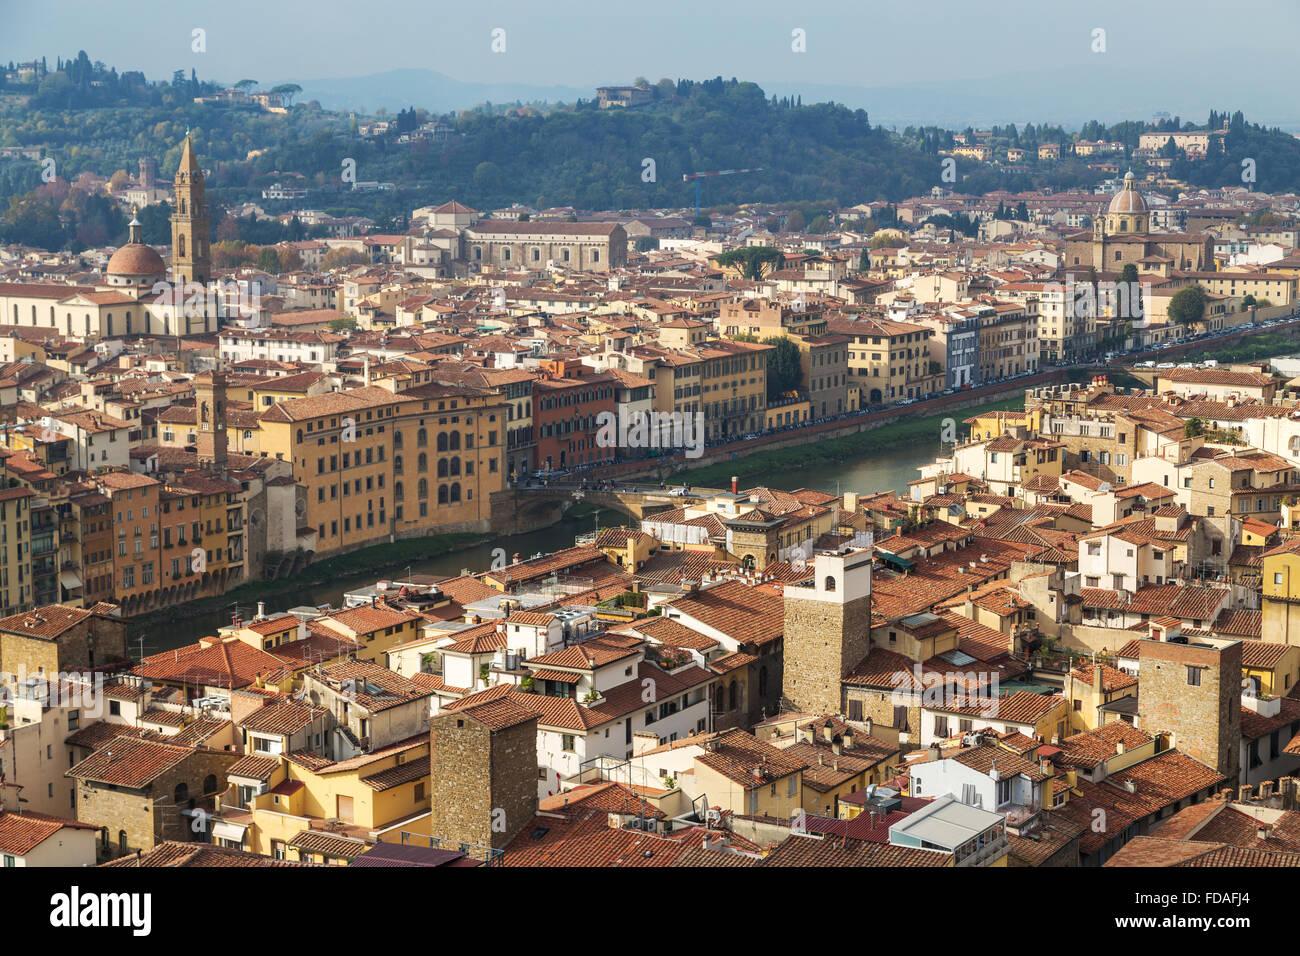 Vue sur la ville, avec l'Arno, Florence, Toscane, Italie Photo Stock